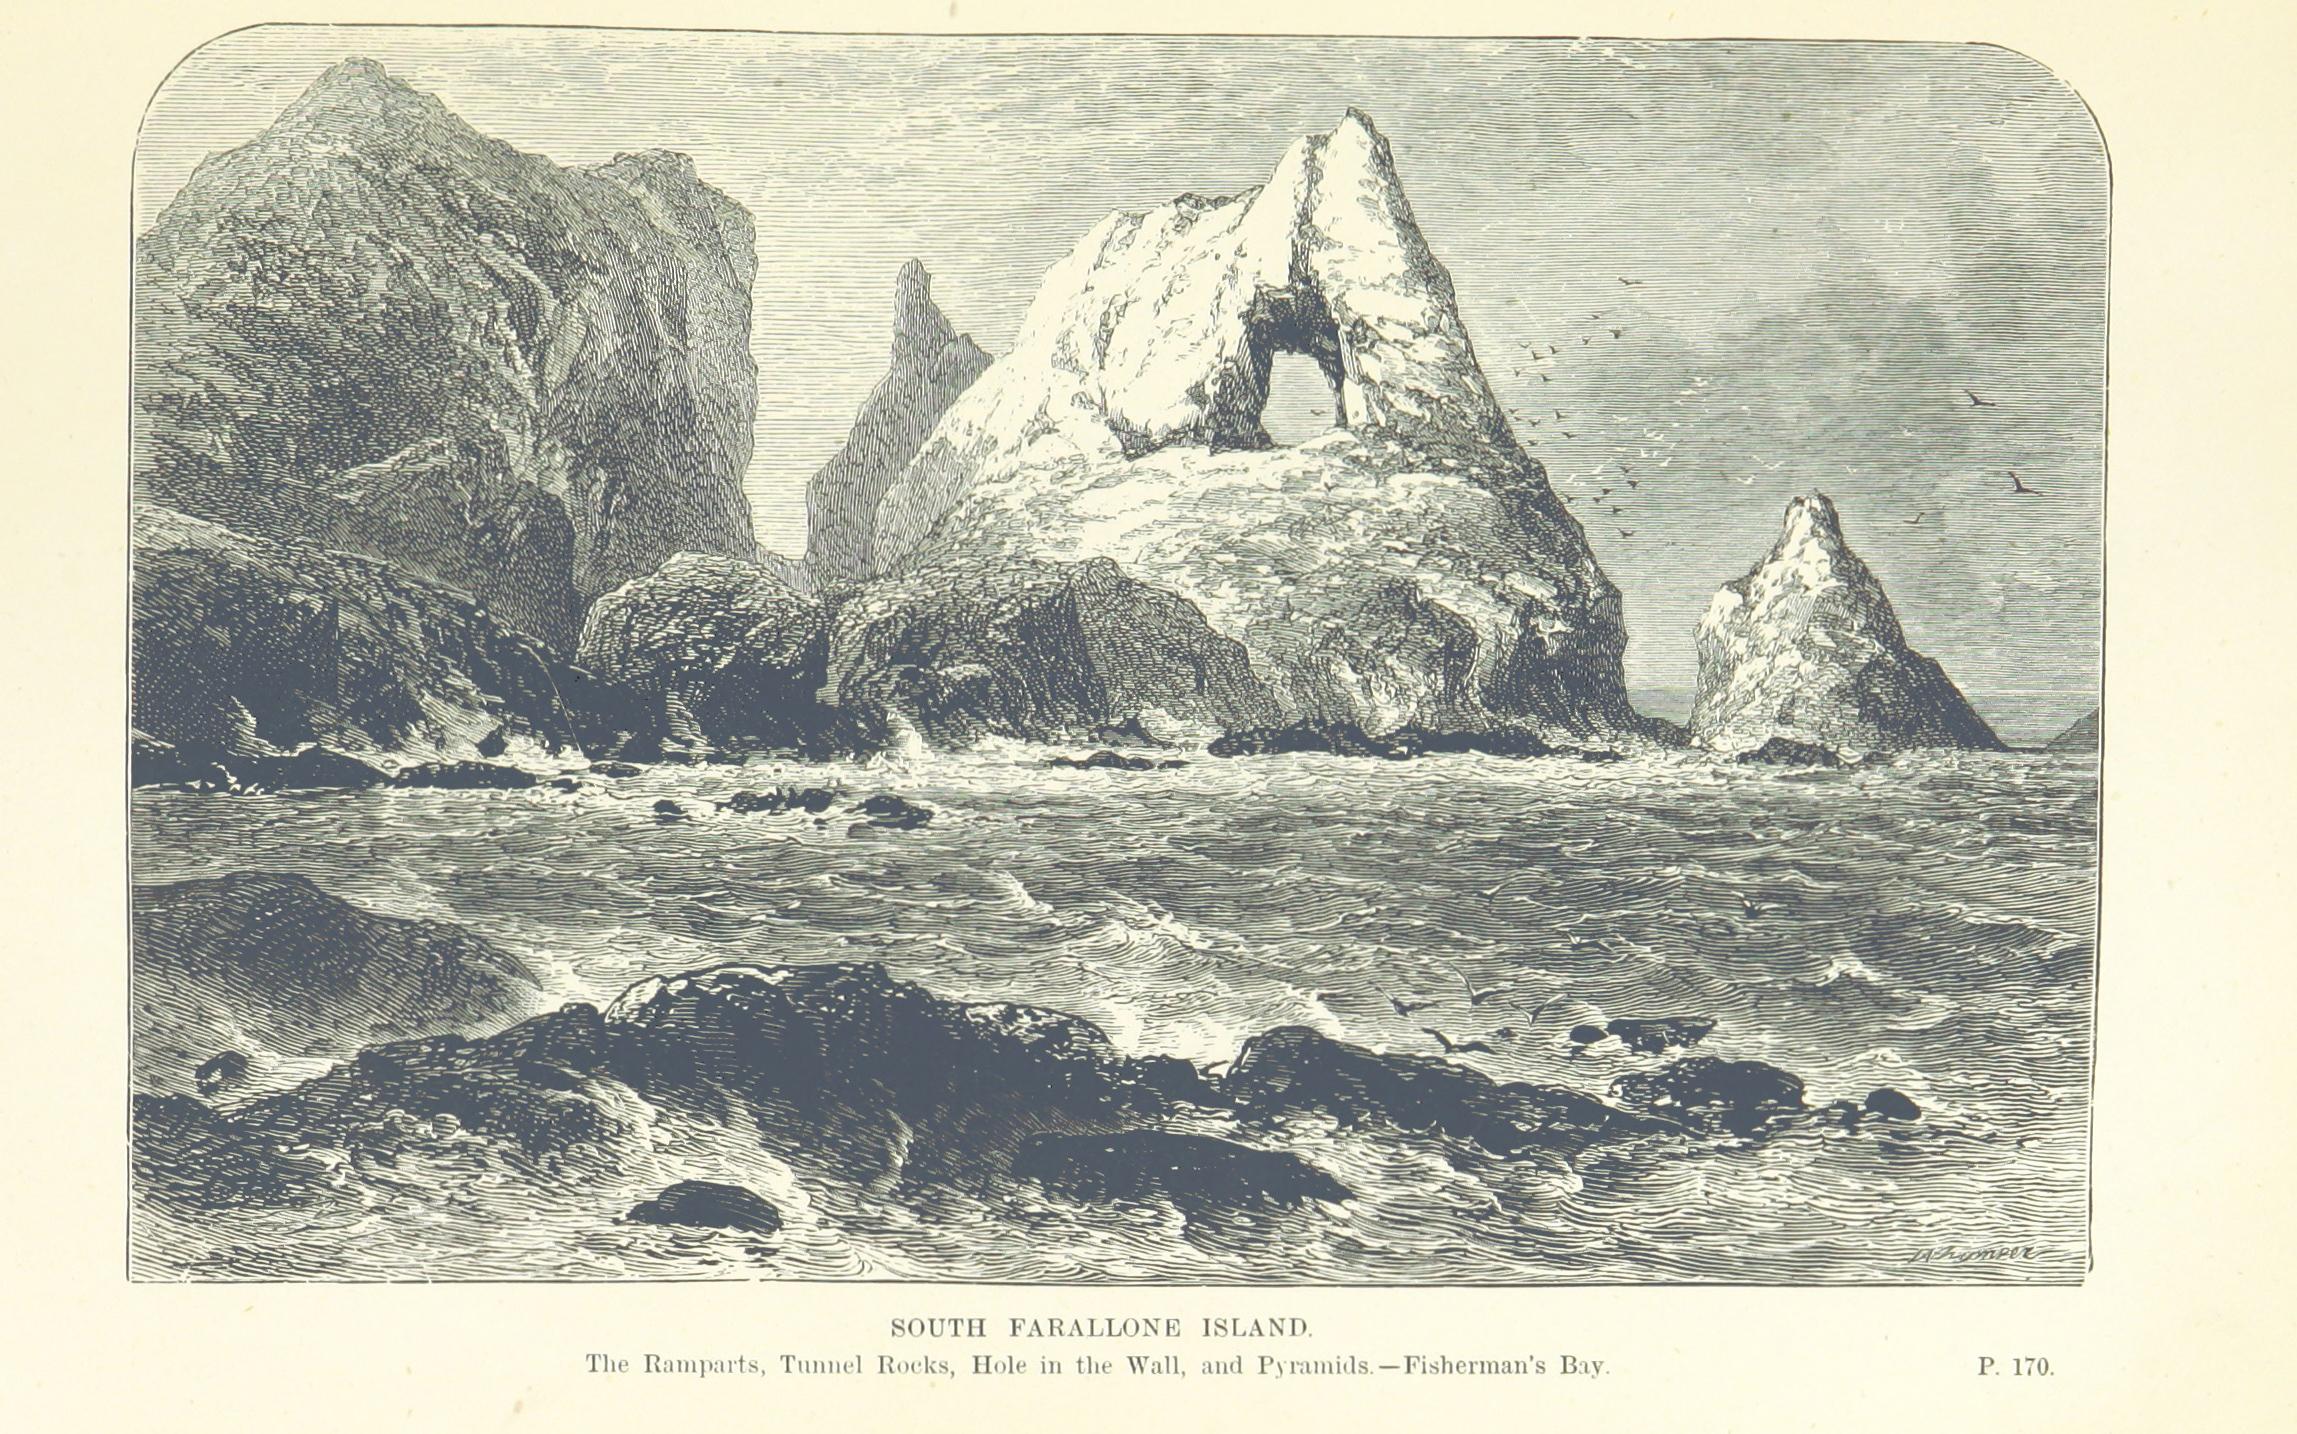 The South Farallon Island